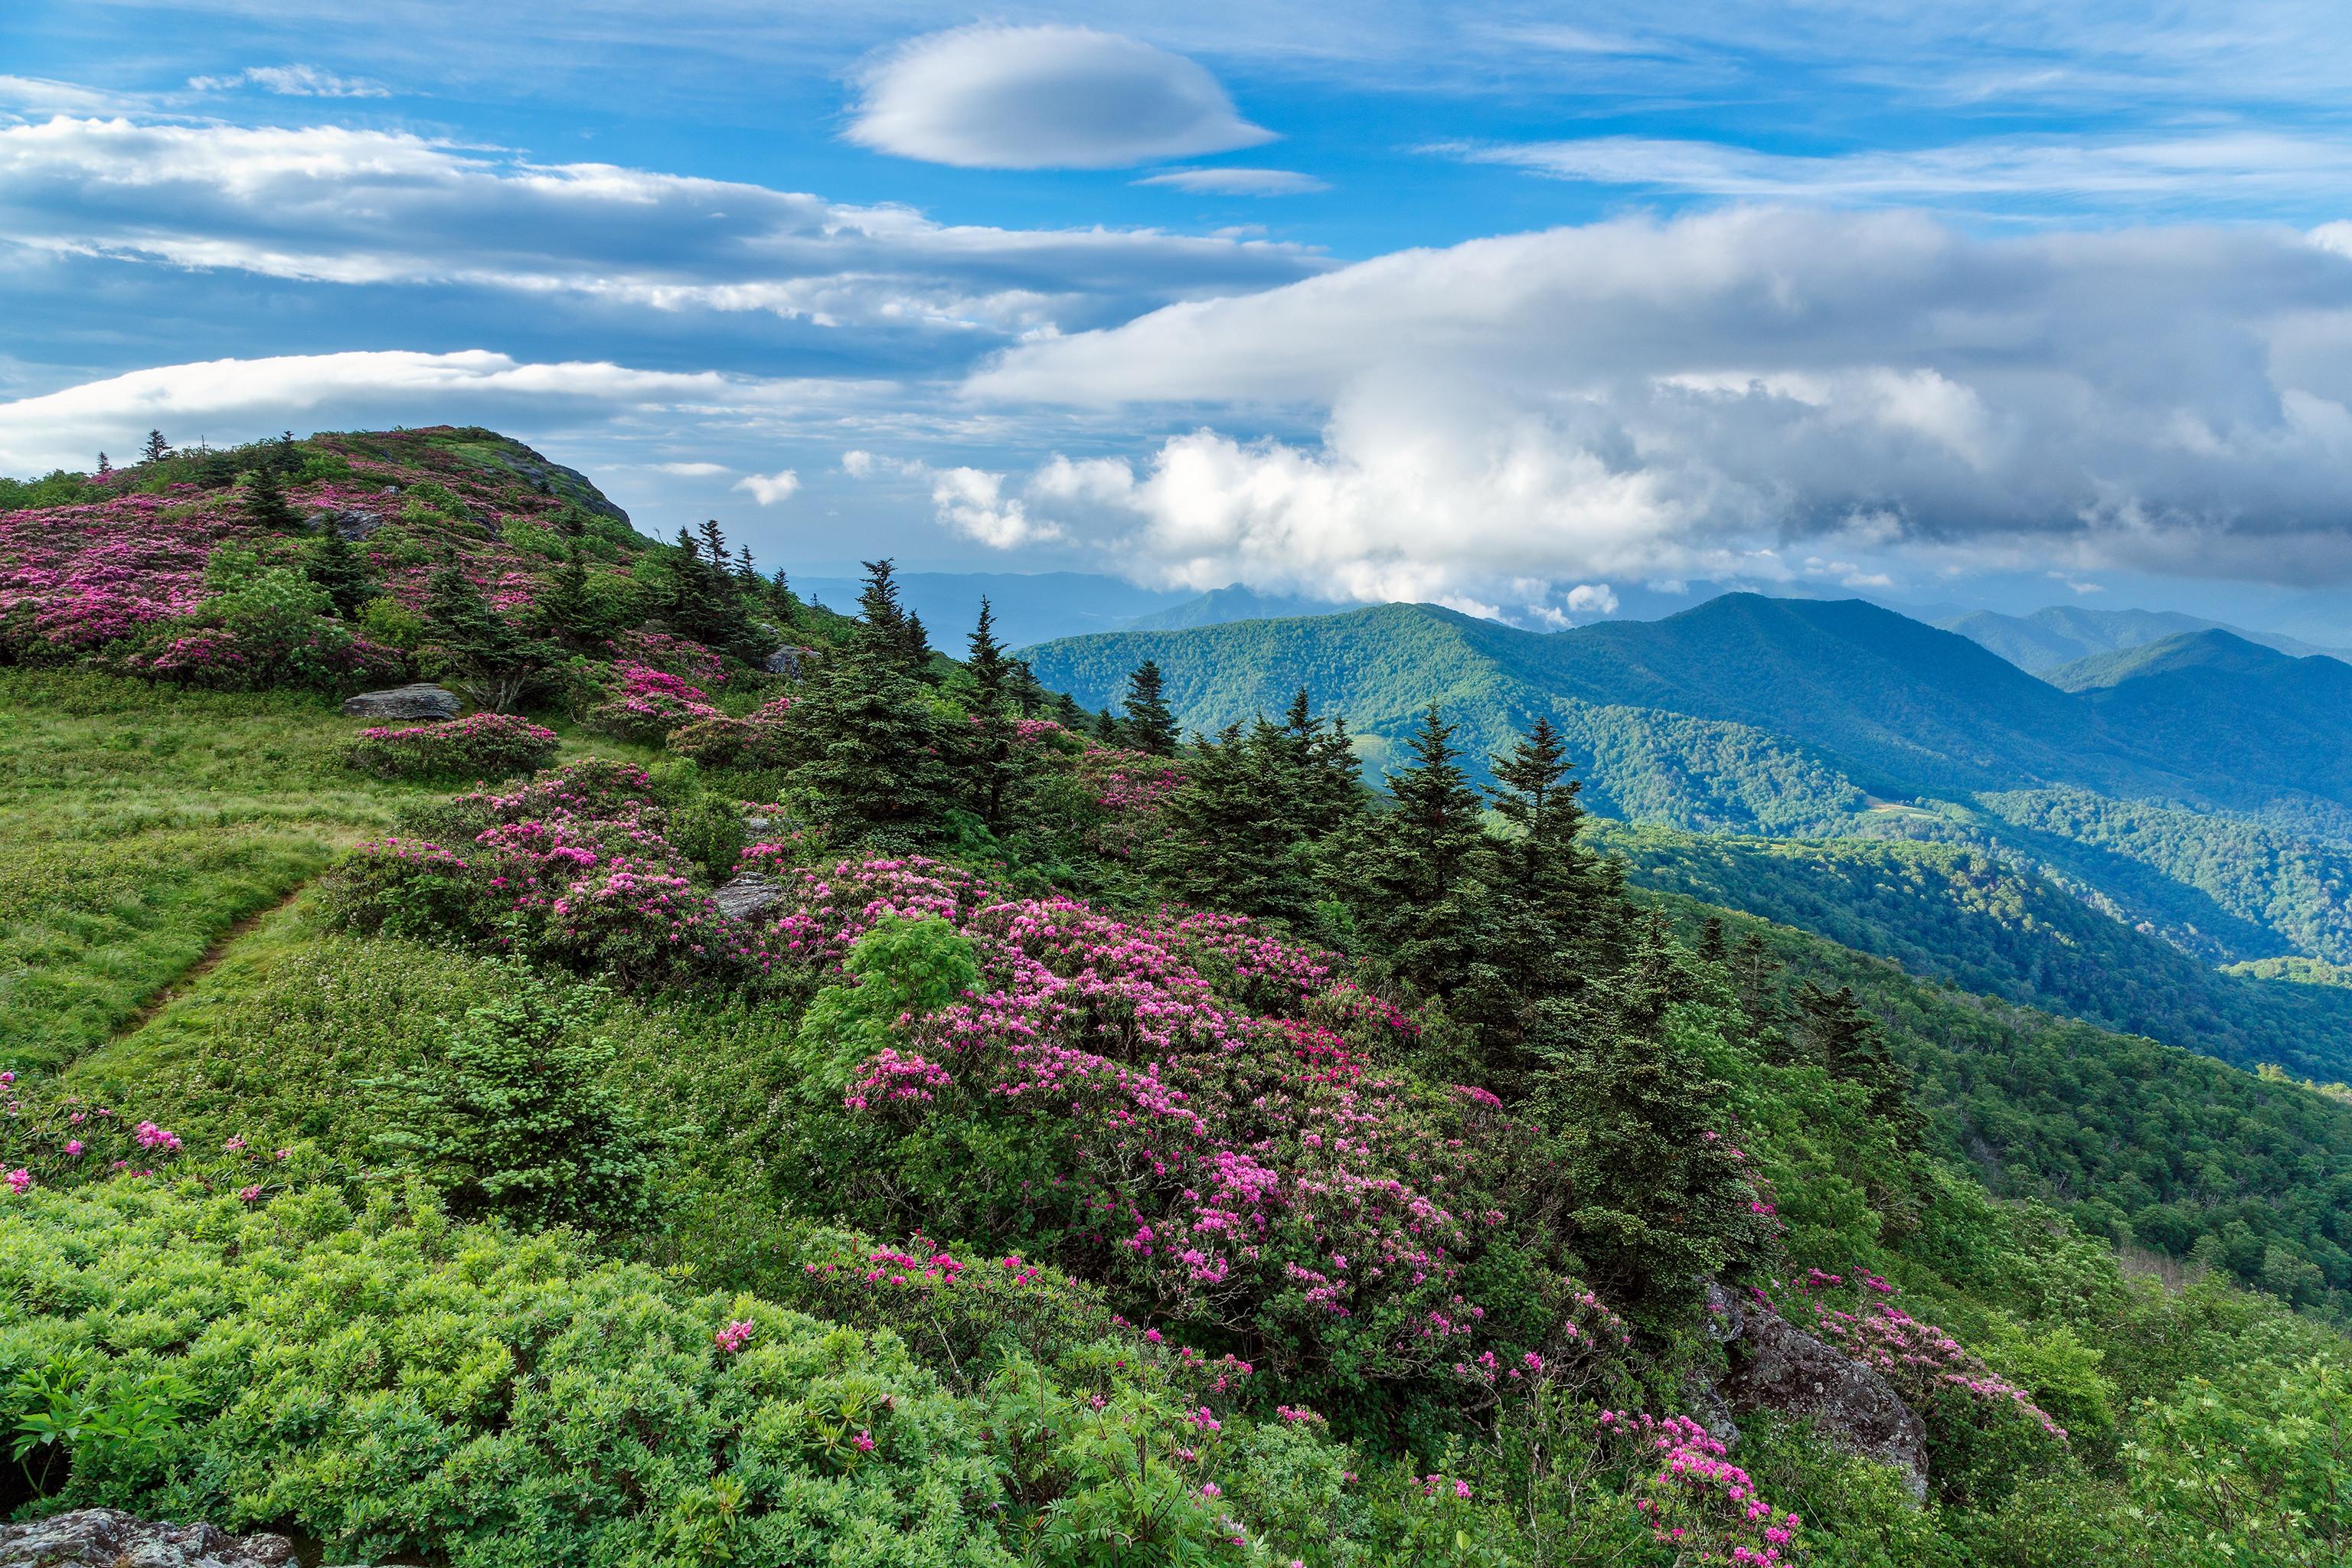 обои горы, камни, деревья, цветы картинки фото